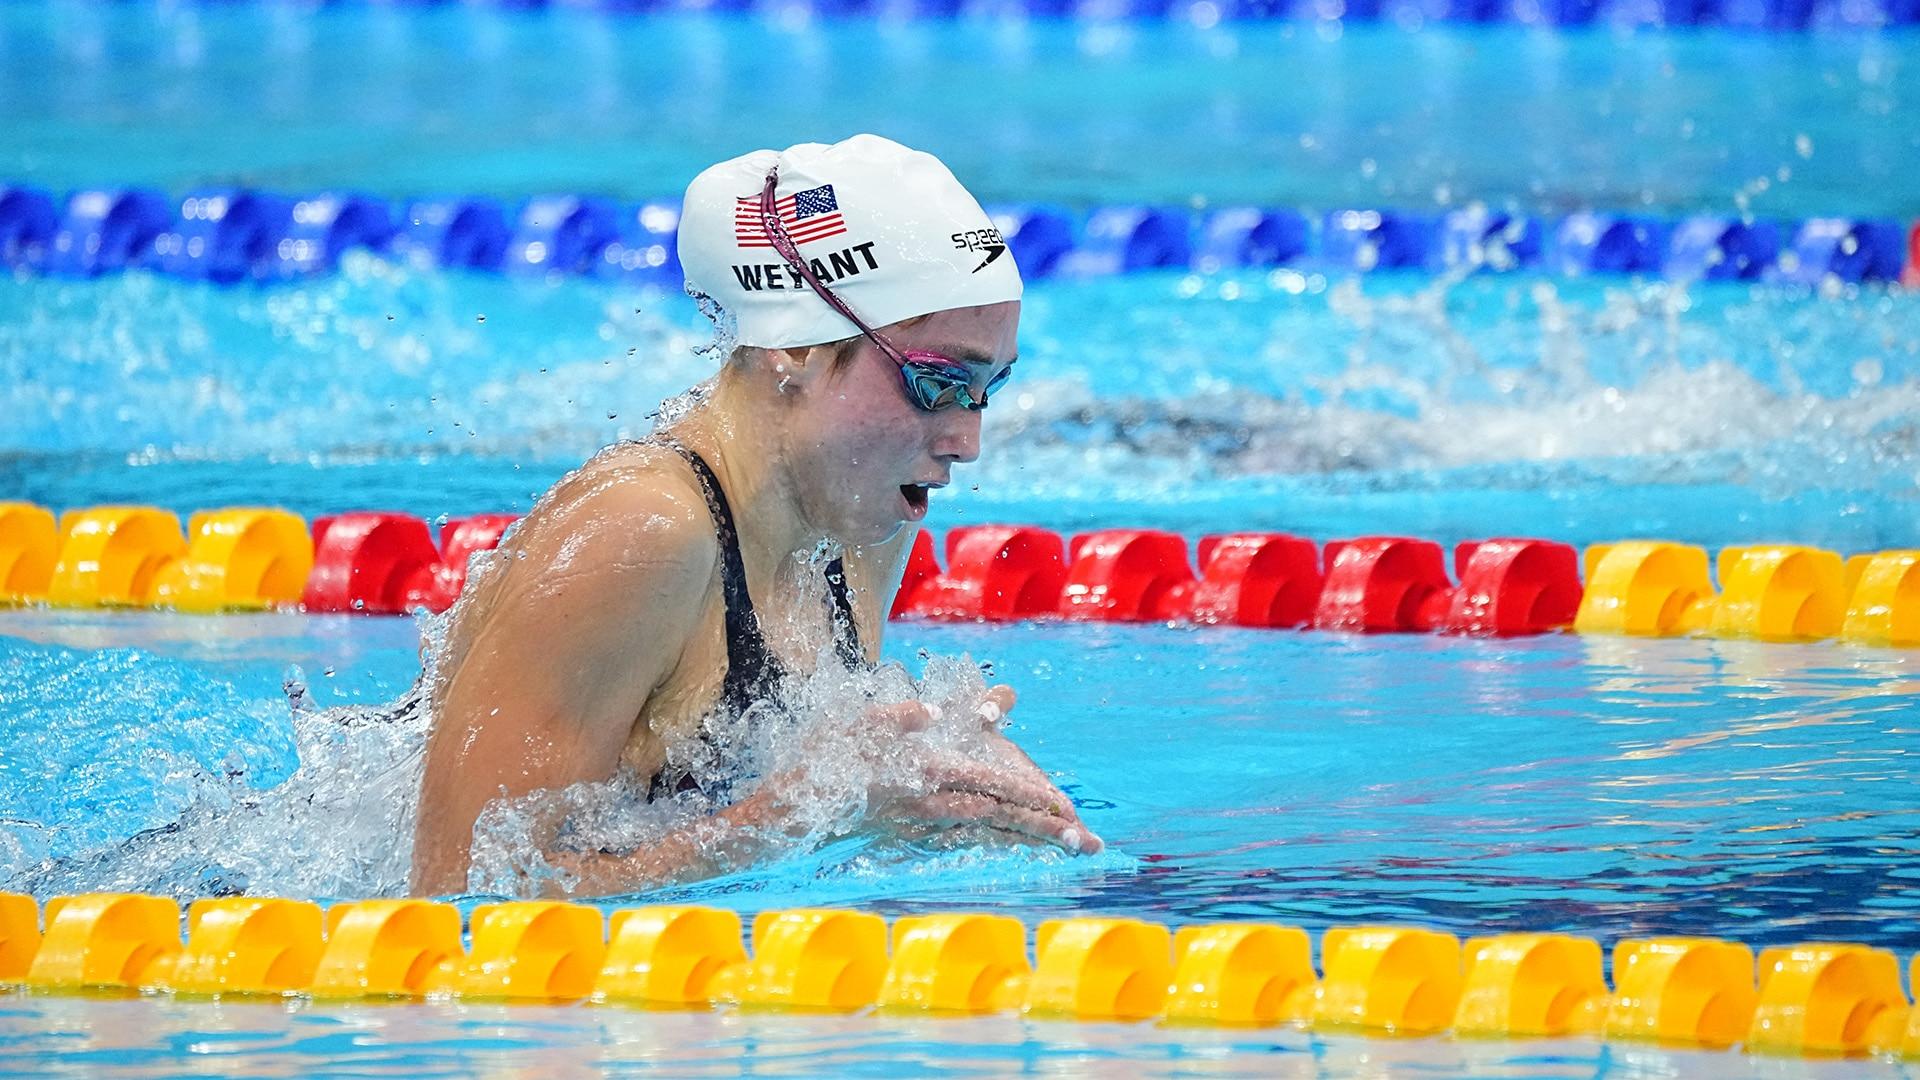 Emma Weyant torches legends Hosszu, Belmonte in 400 IM heat